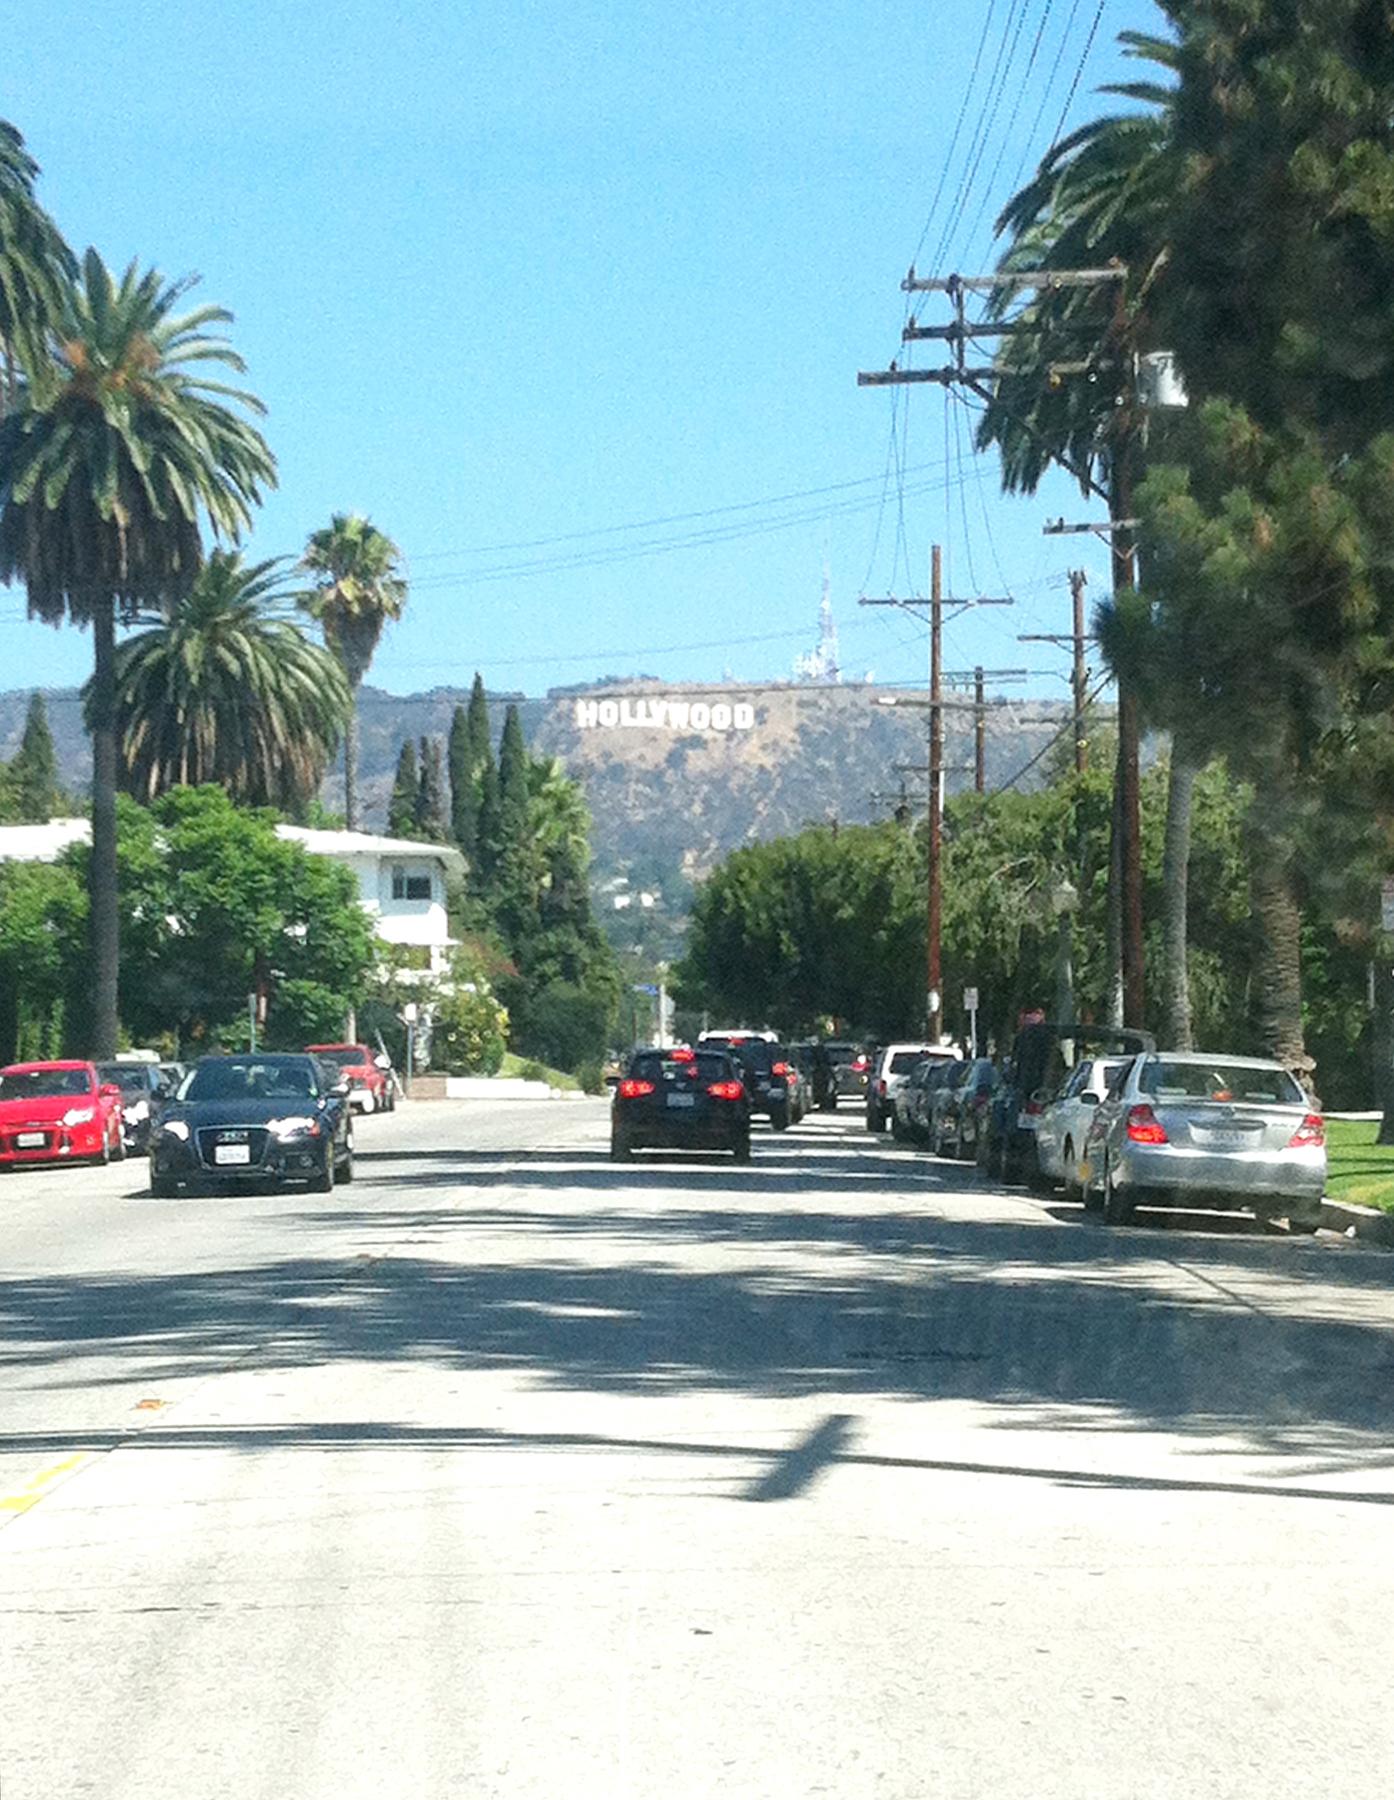 近所のビーチウッド通り。